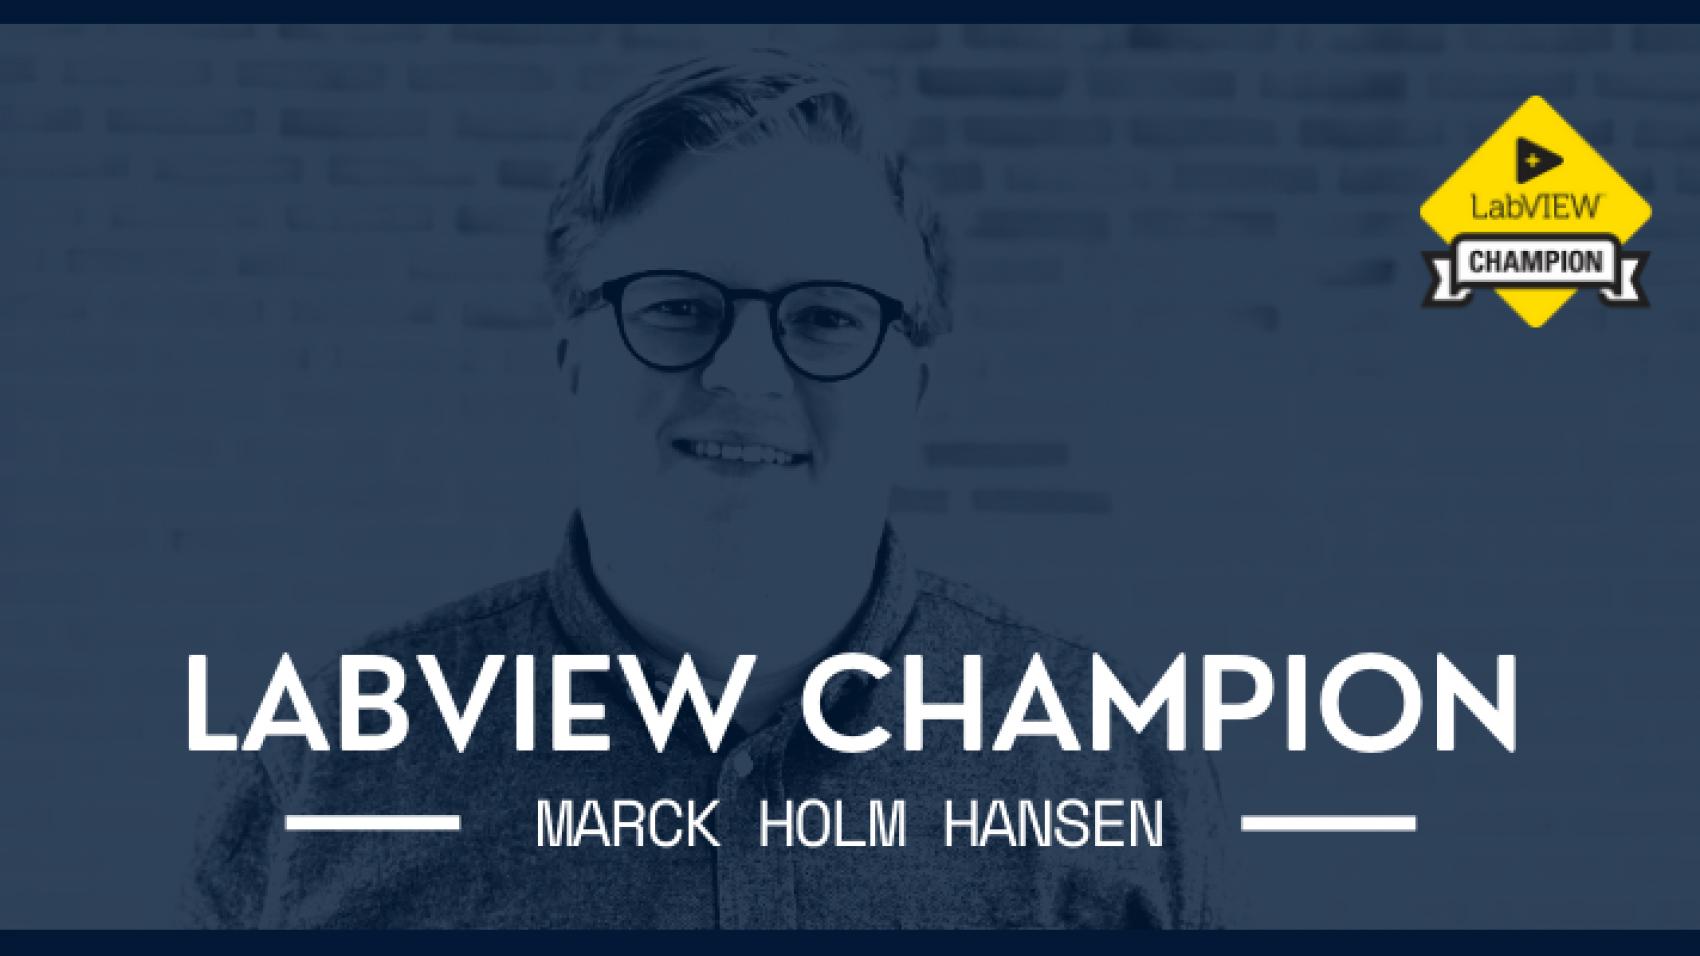 labview-champion-marck-holm-hansen-gpower-1